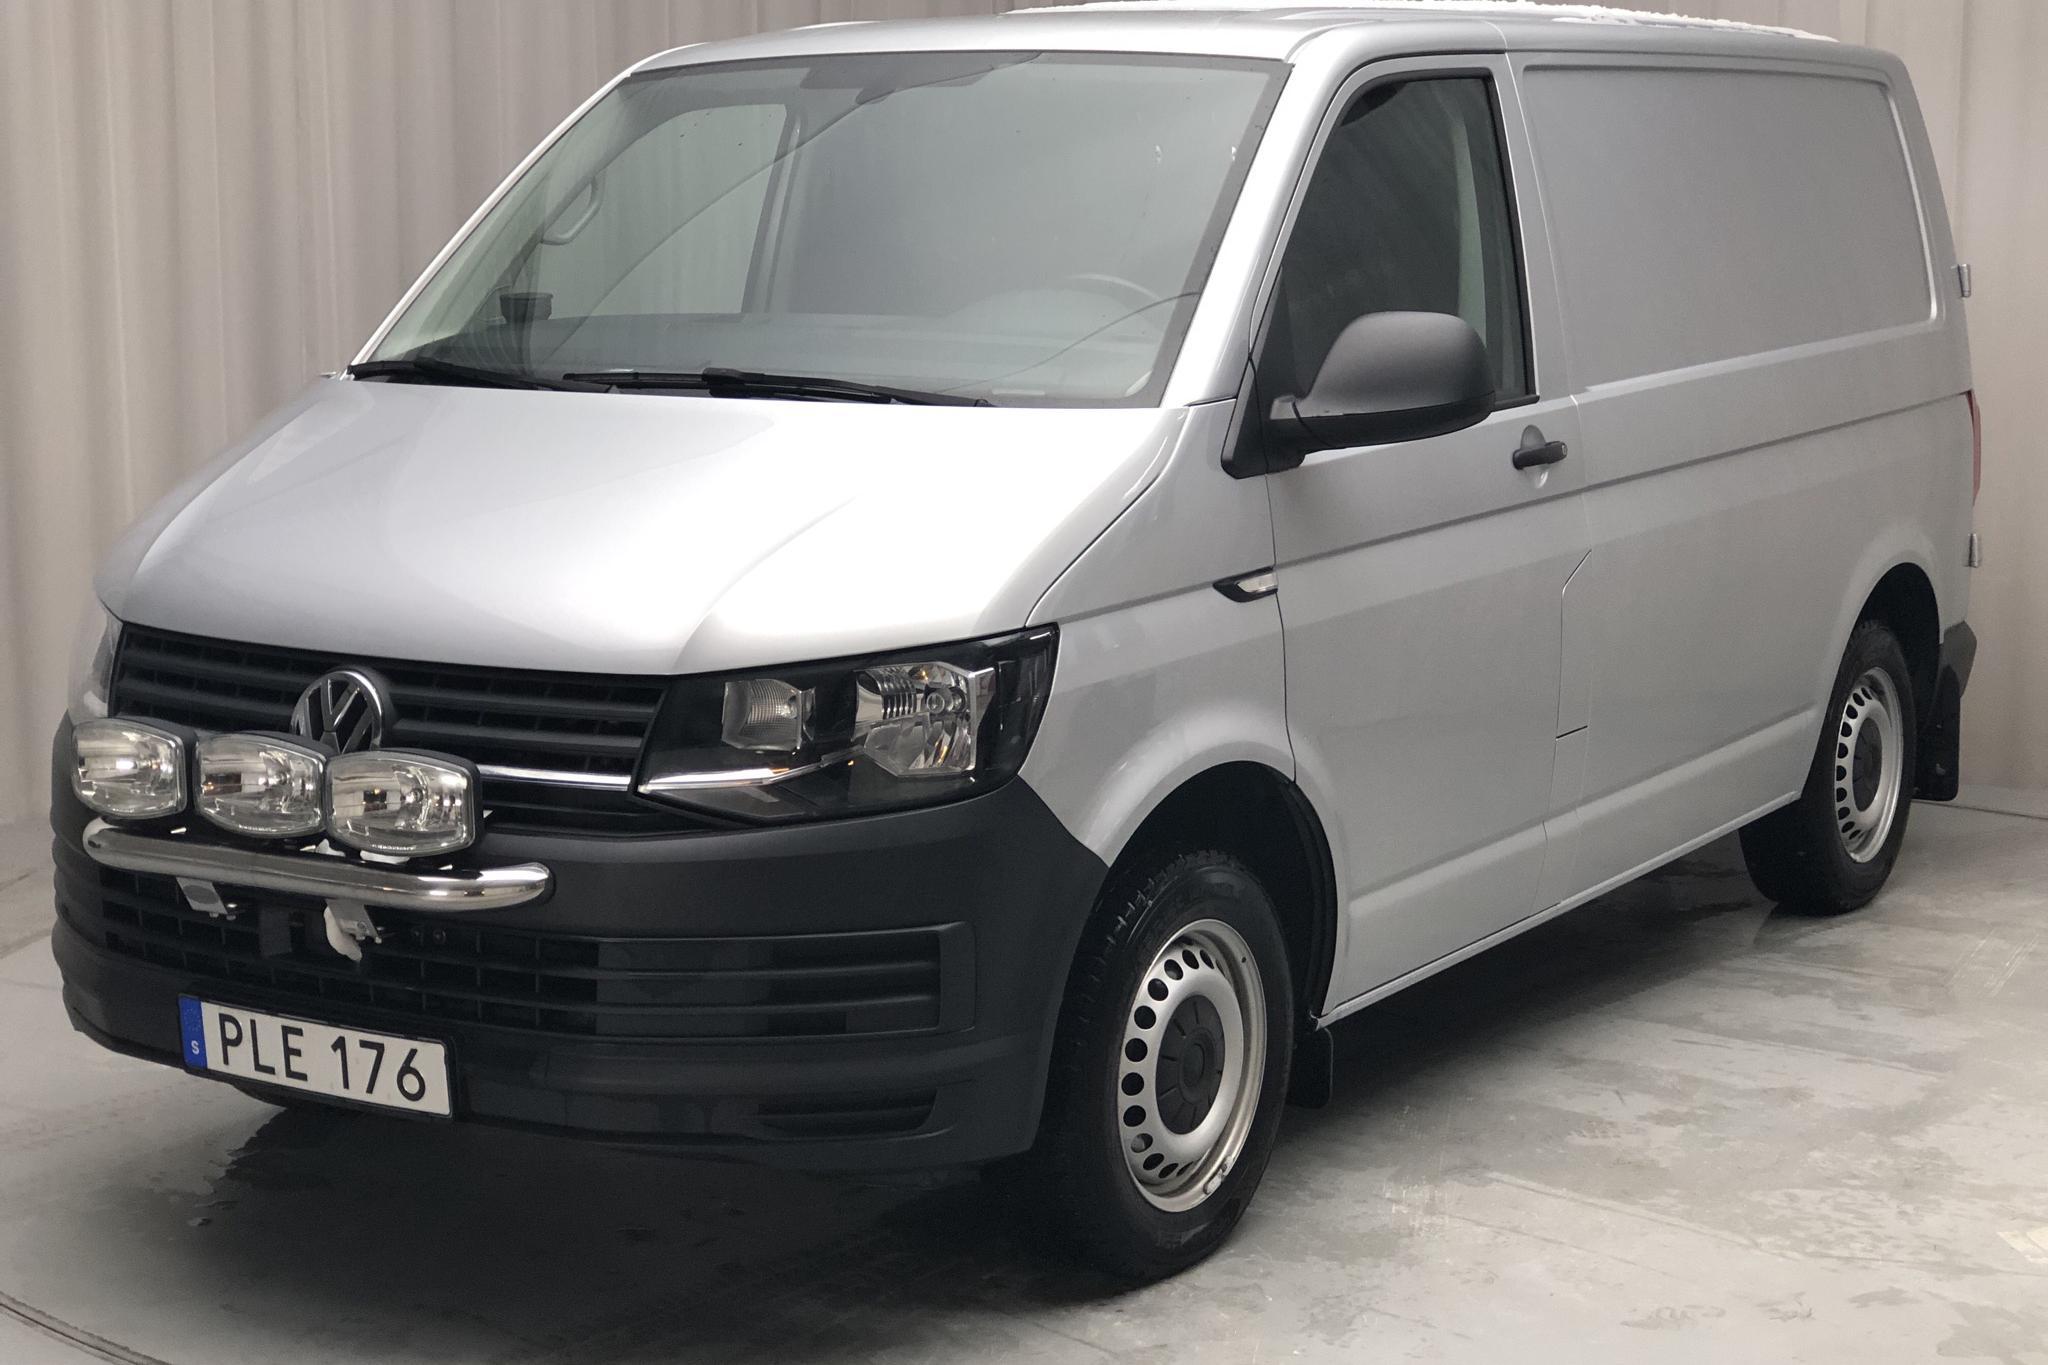 VW Transporter T6 2.0 TDI BMT Skåp (150hk) - 67 980 km - Automatic - silver - 2017